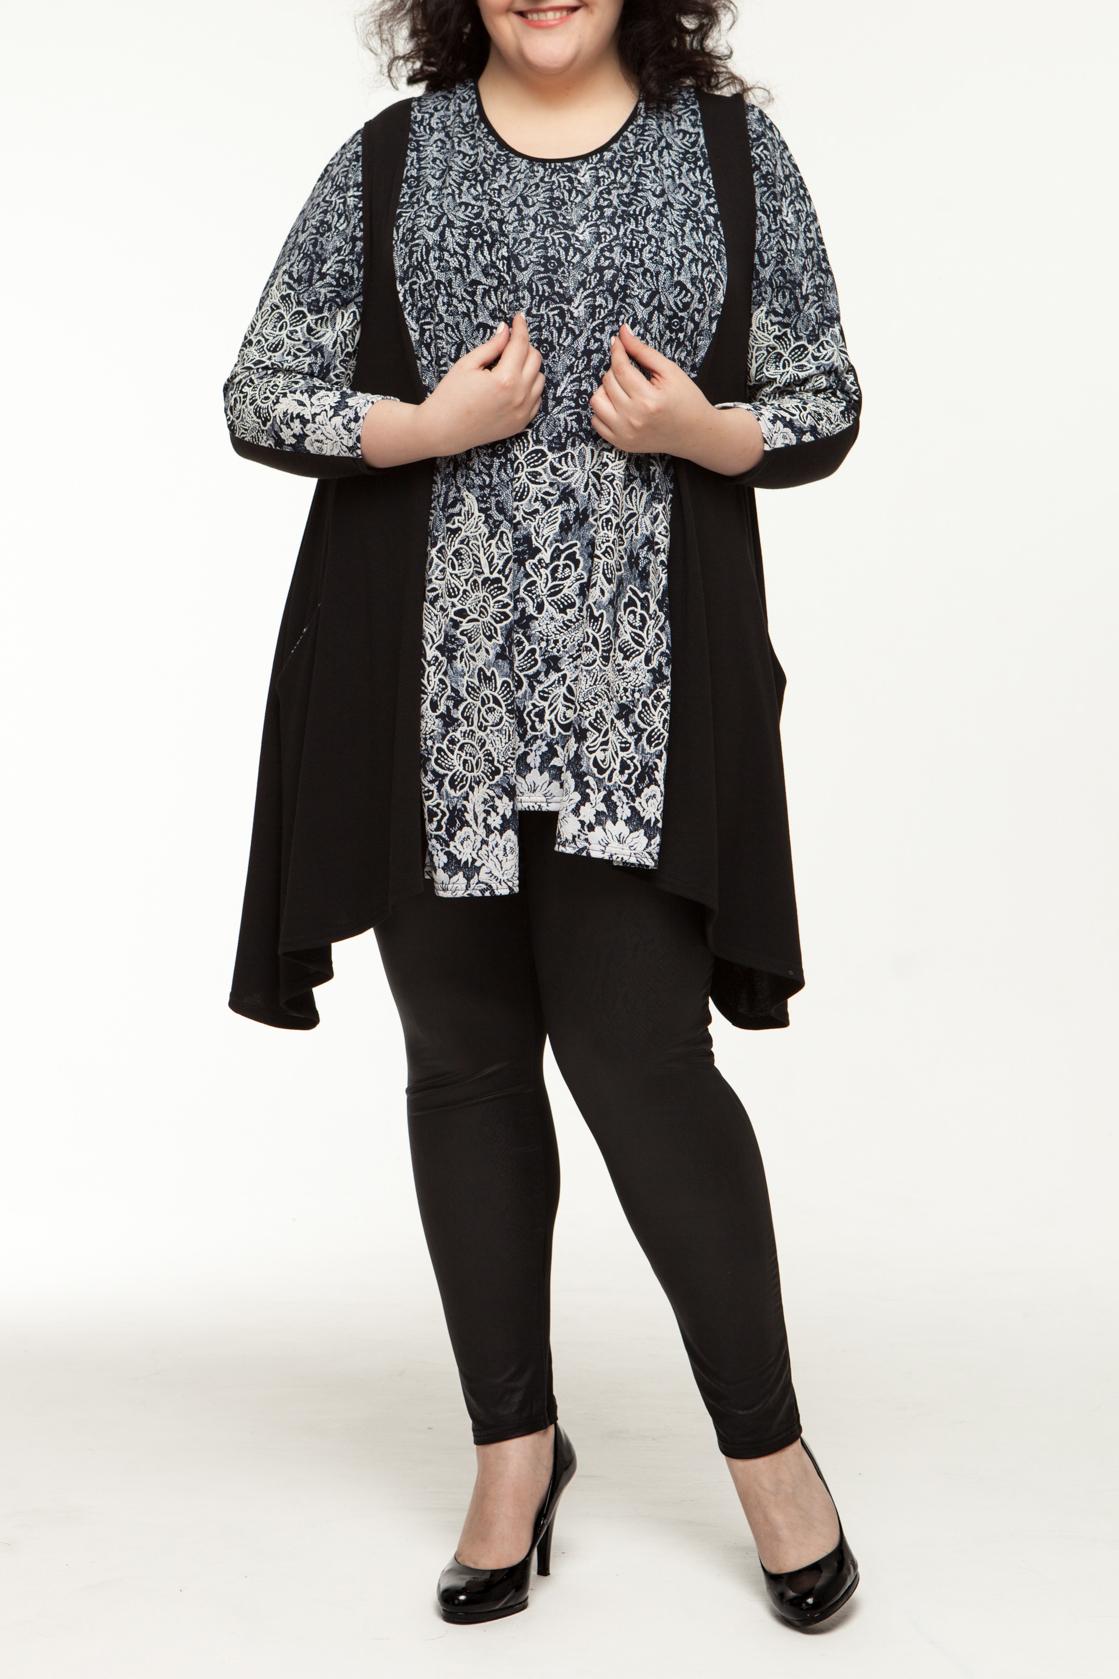 БлузкаТуники<br>Модель состоит из туники с круглым вырезом горловины, рукав 3/4 и кардигана с карманами. Кардиган декорирован черно-белым принтом, что создает красивое сочетание и прекрасно дополняет образ.  Длина изделия: низ 78 см, верх 83 см  В изделии использованы цвета: черный, синий, белый  Рост девушки-фотомодели 170 см.<br><br>Горловина: С- горловина<br>По материалу: Трикотаж<br>По рисунку: Растительные мотивы,С принтом,Цветные,Цветочные<br>По силуэту: Свободные<br>По стилю: Повседневный стиль<br>Рукав: Длинный рукав<br>По сезону: Зима<br>Размер : 54,56,58,60,62,64<br>Материал: Трикотаж<br>Количество в наличии: 7